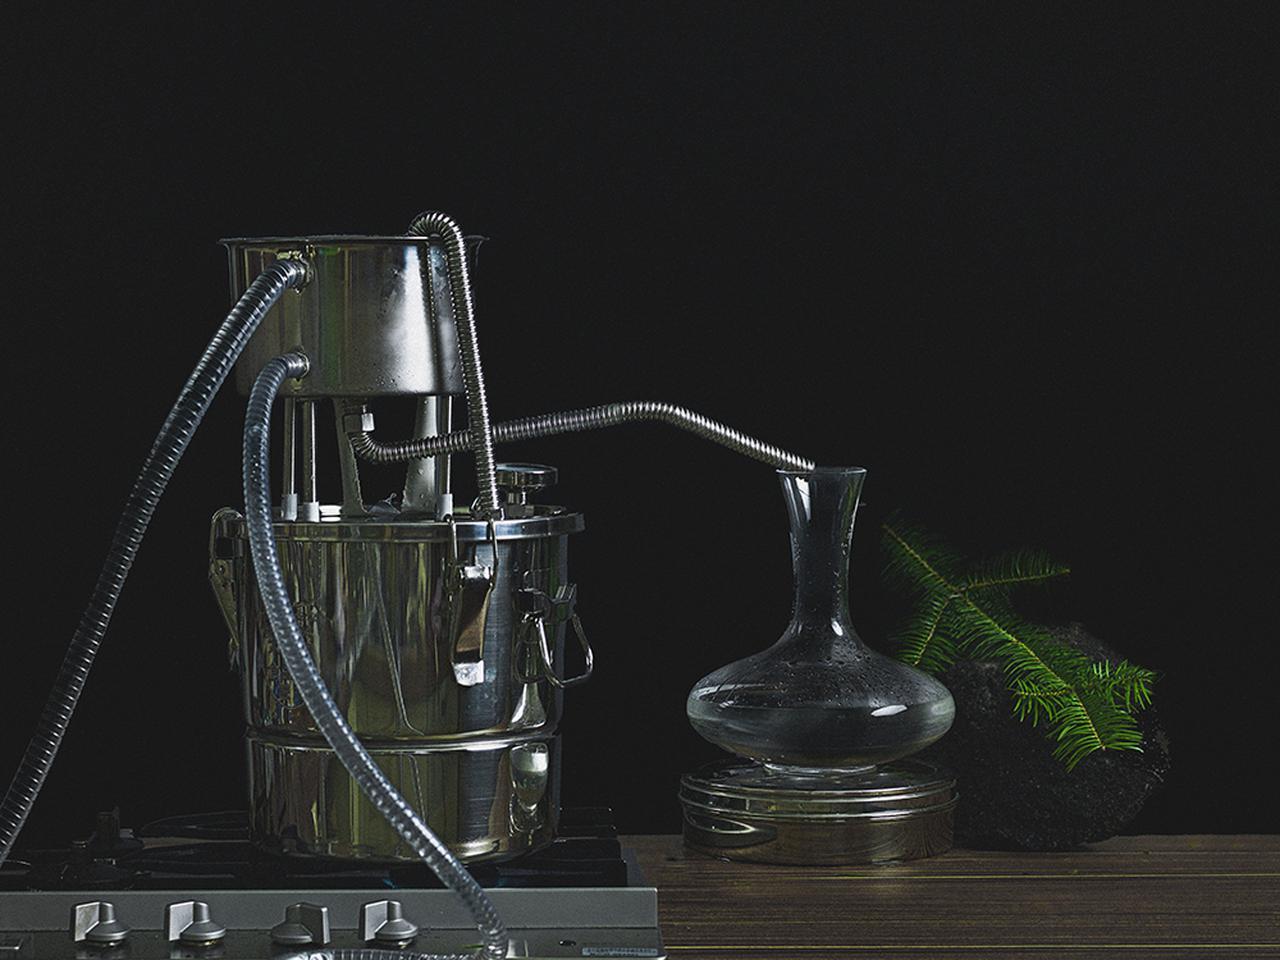 画像3: ブランド設立の背景【森の食用化を試みる実験】